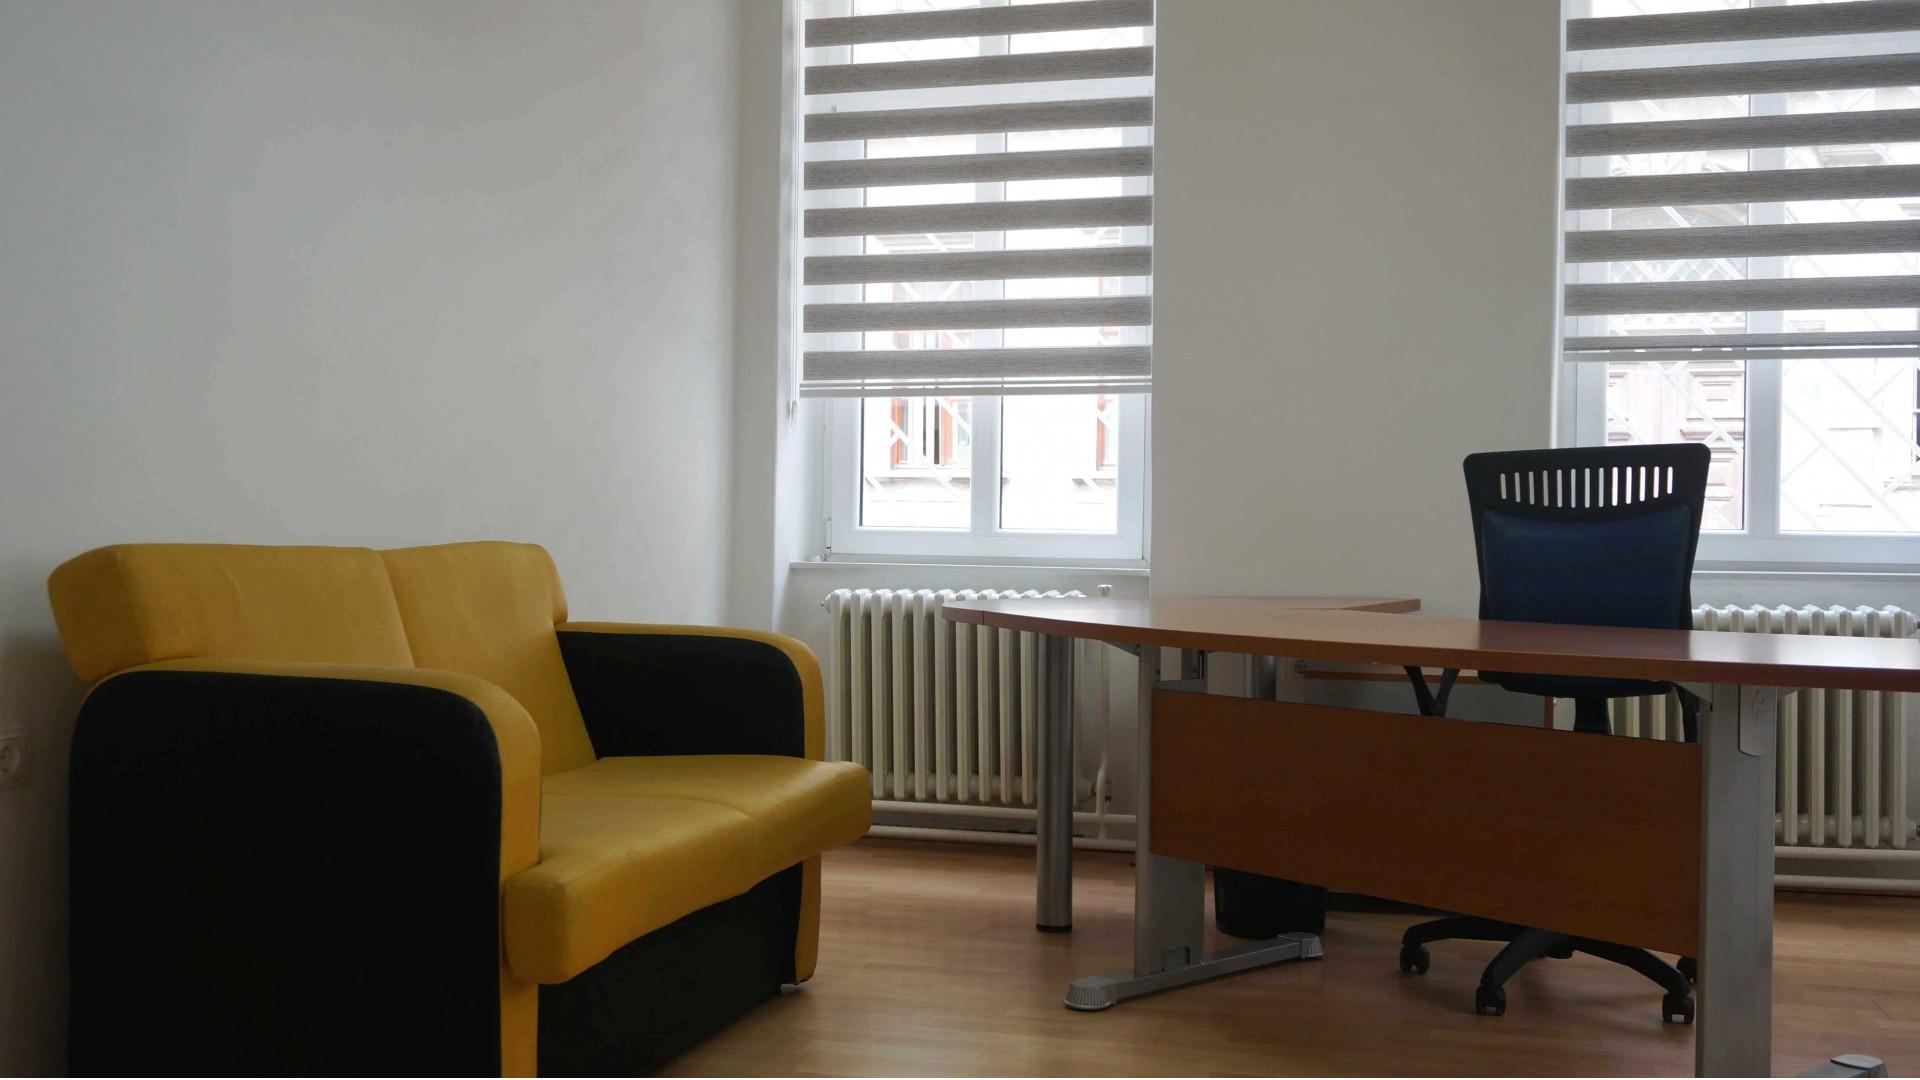 Poslovni prostor u centru 80 m2